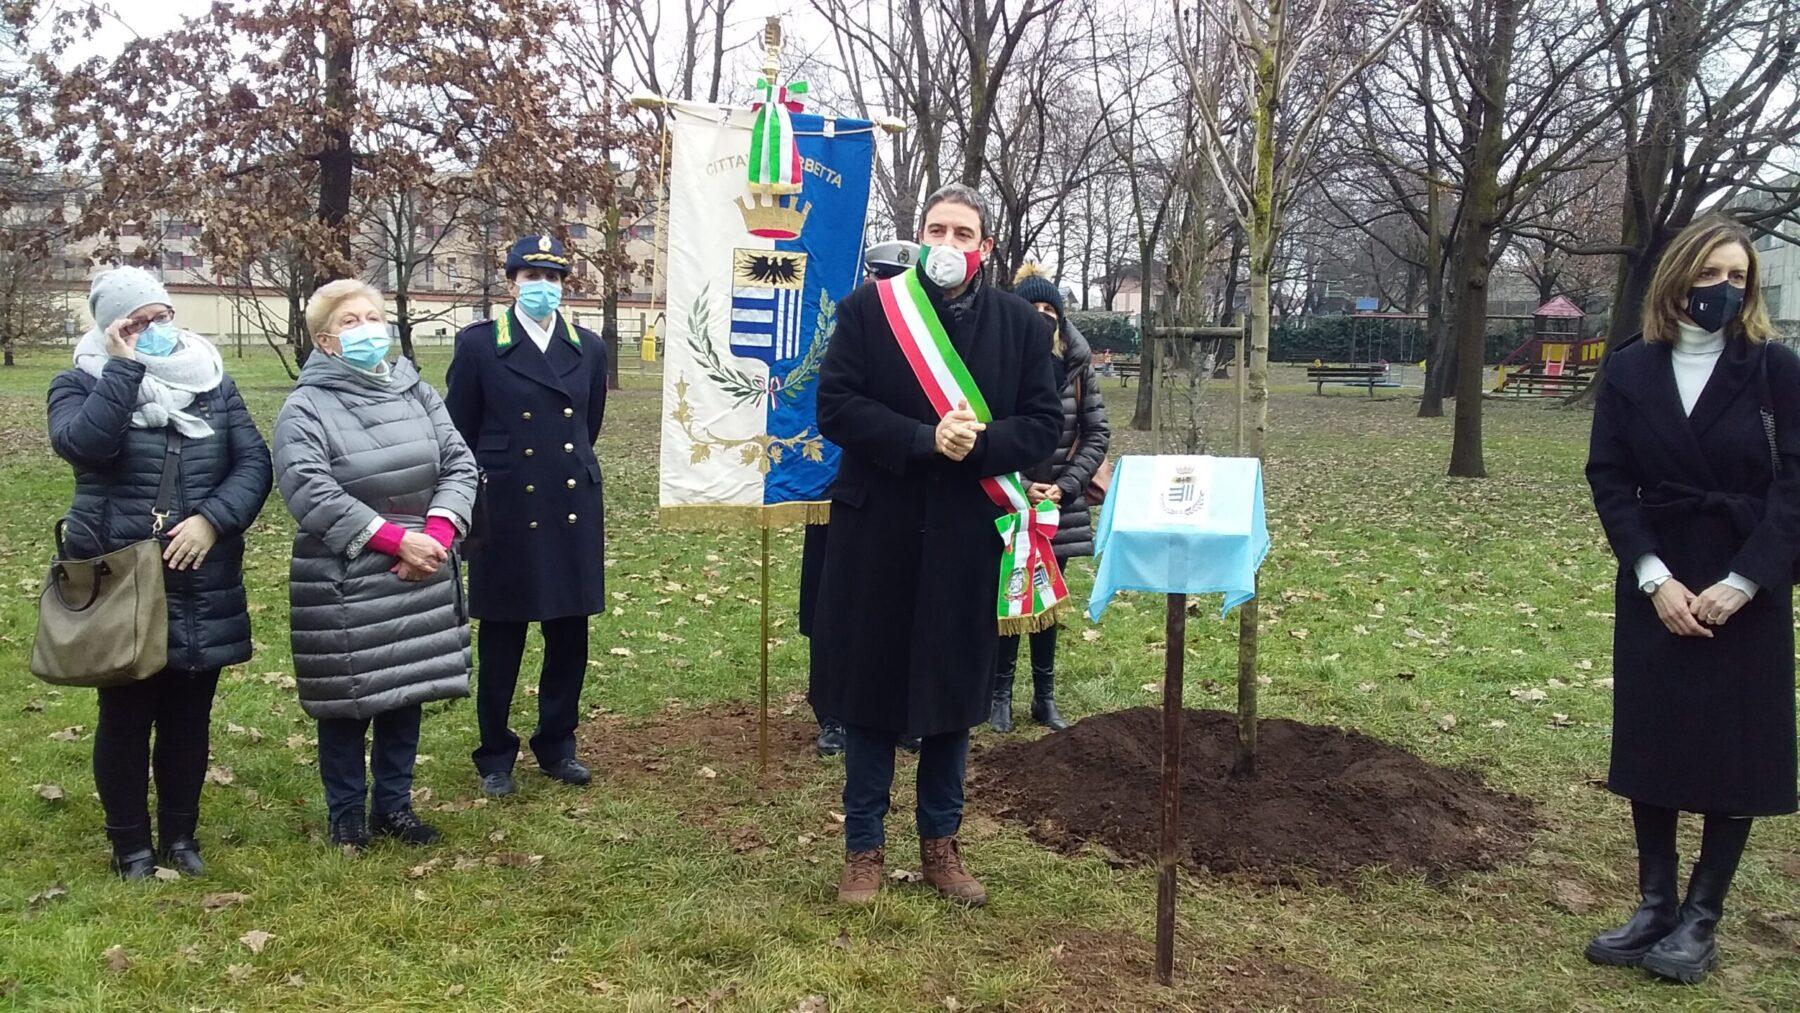 Corbetta - Un albero al parco a ricordo delle vittime Covid. Corbetta 04/02/2021